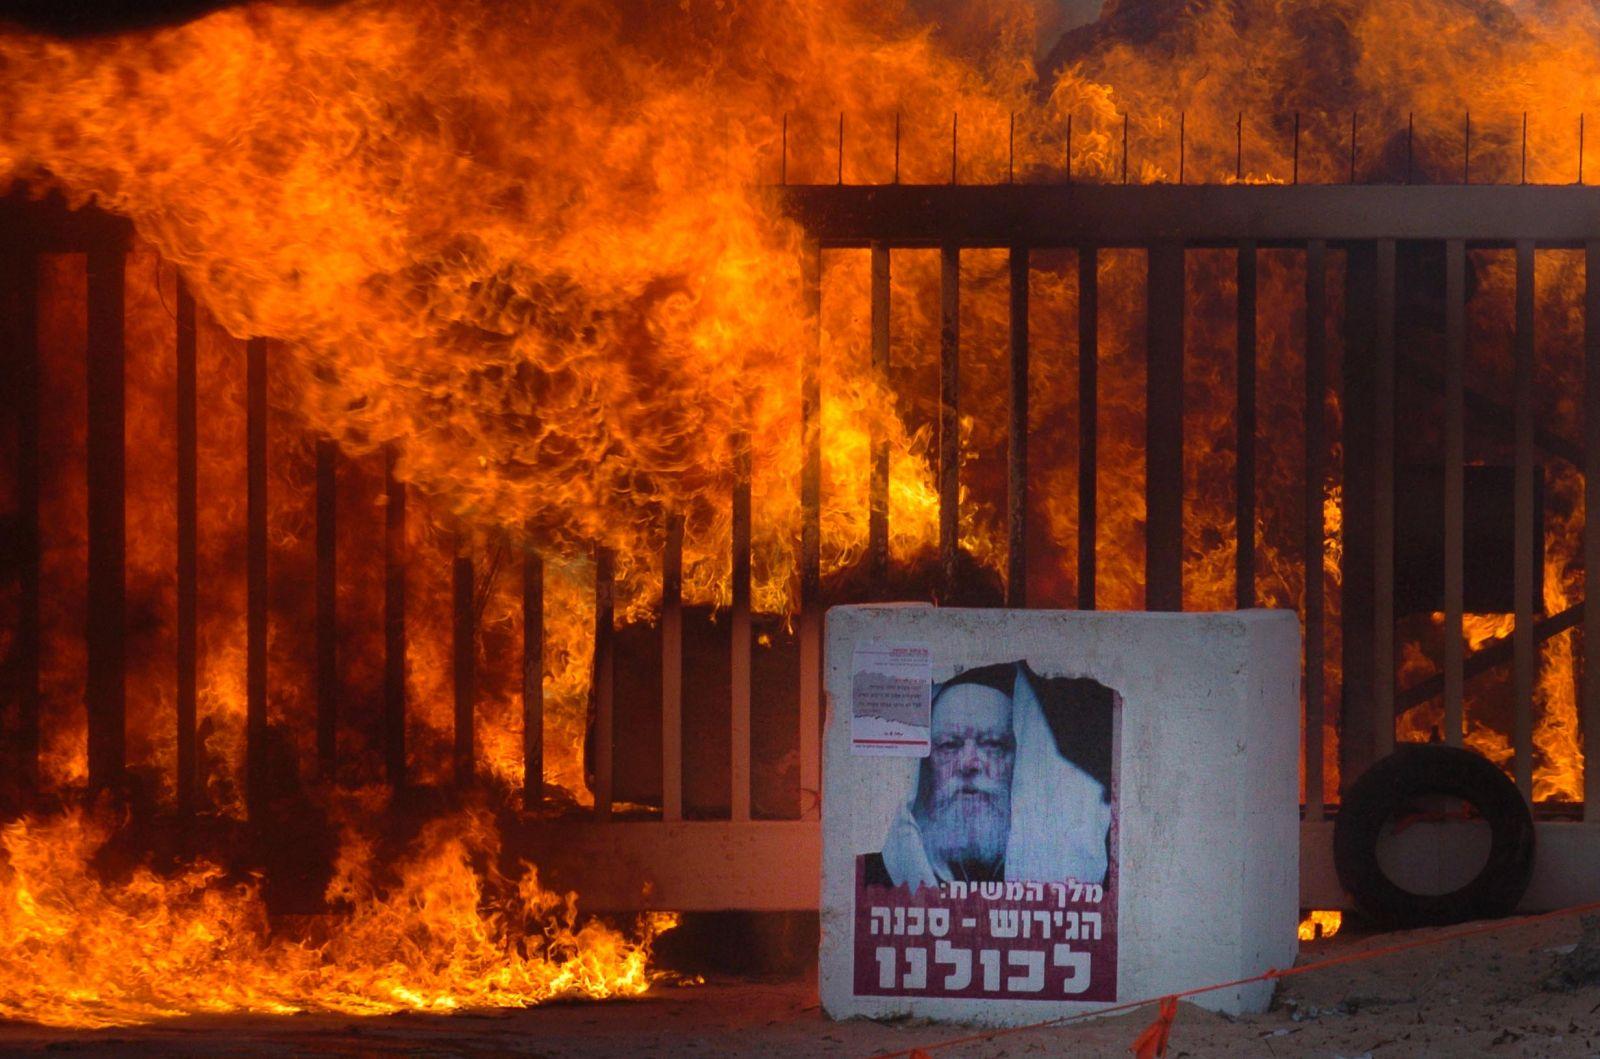 בשולי פינוי הישראלים מגוש קטיף, 21.8.05 (צילום: נתי שוחט)